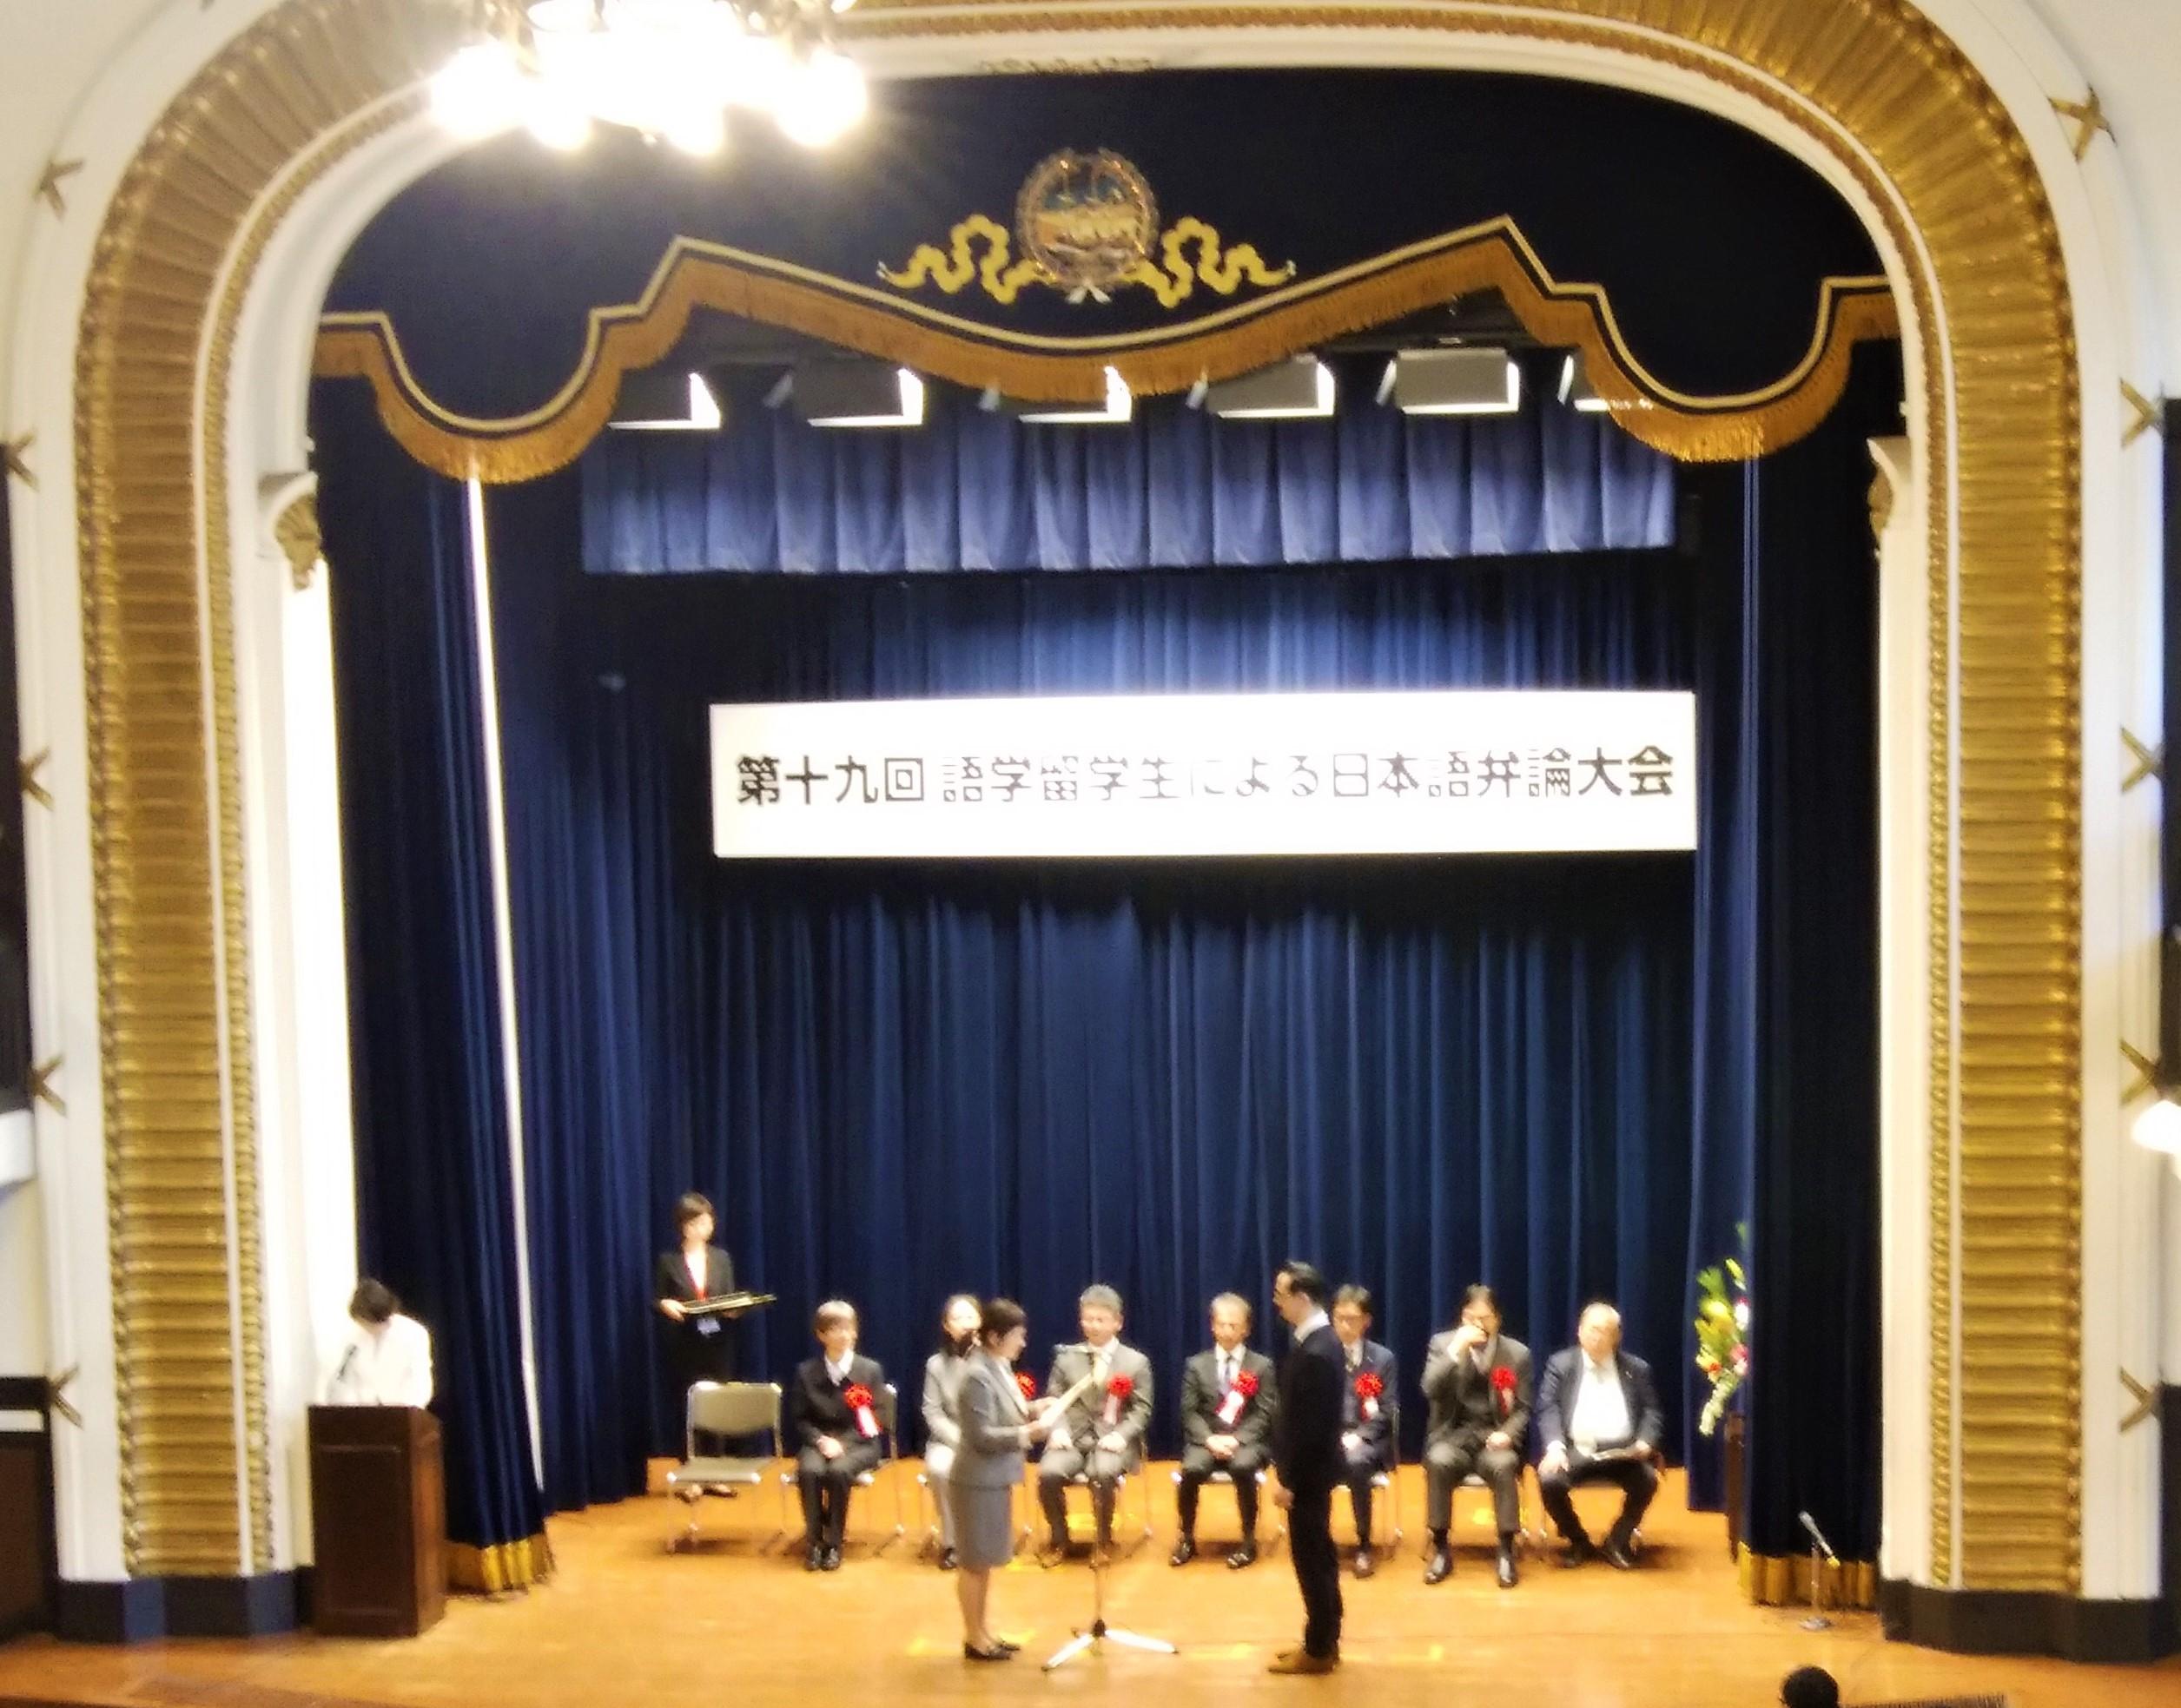 恭喜学生入选语言留学生日语讲演比赛